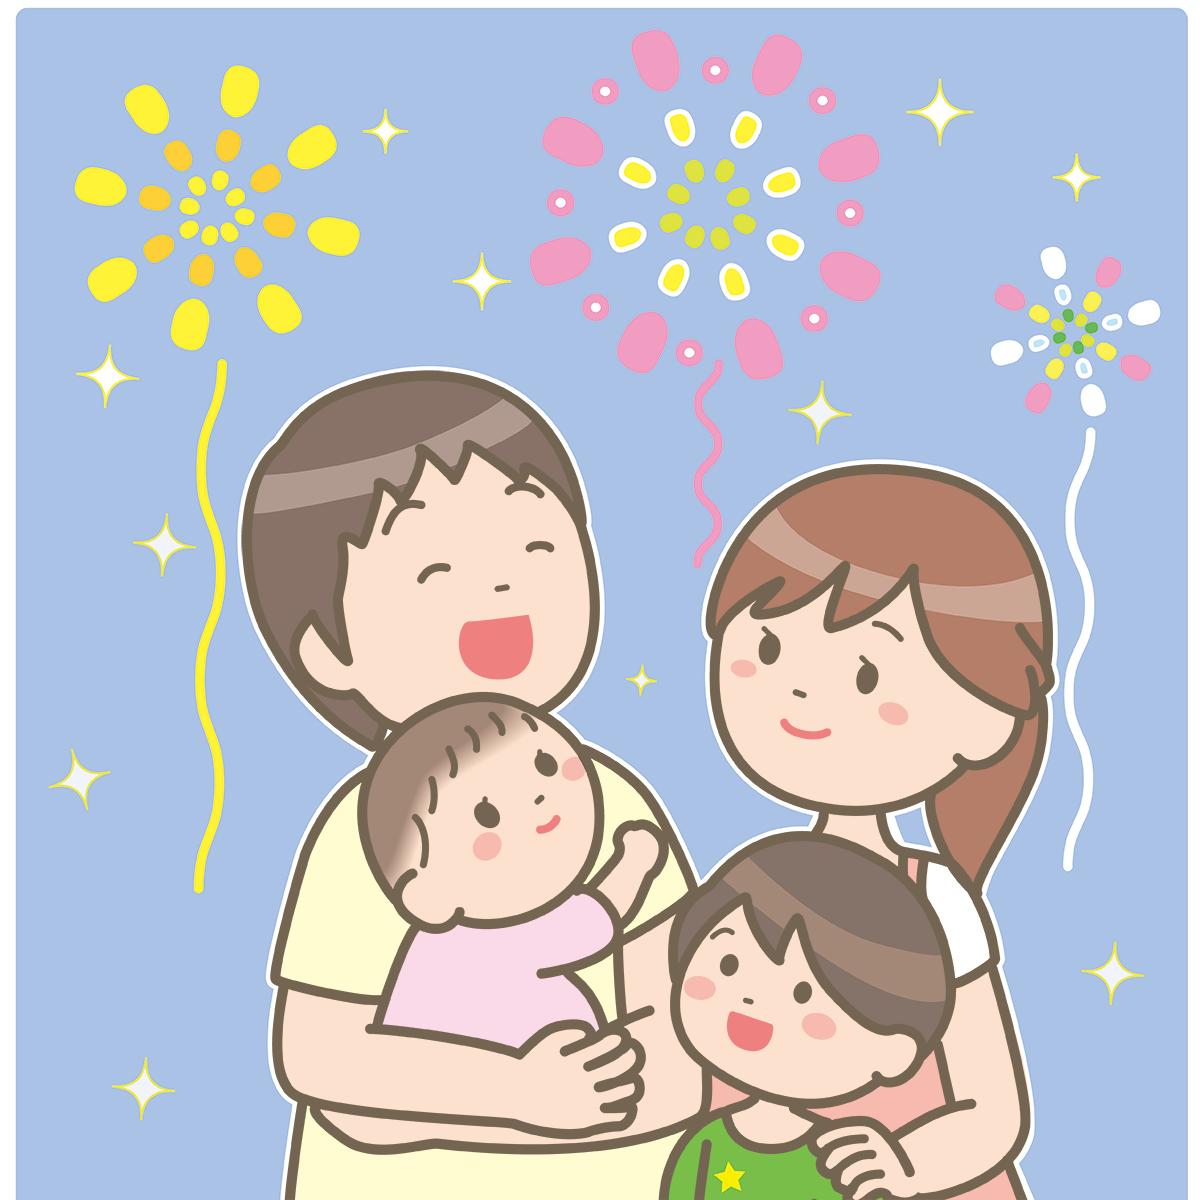 花火を見る家族のイラスト🎨【フリー素材】|看護roo![カンゴルー]